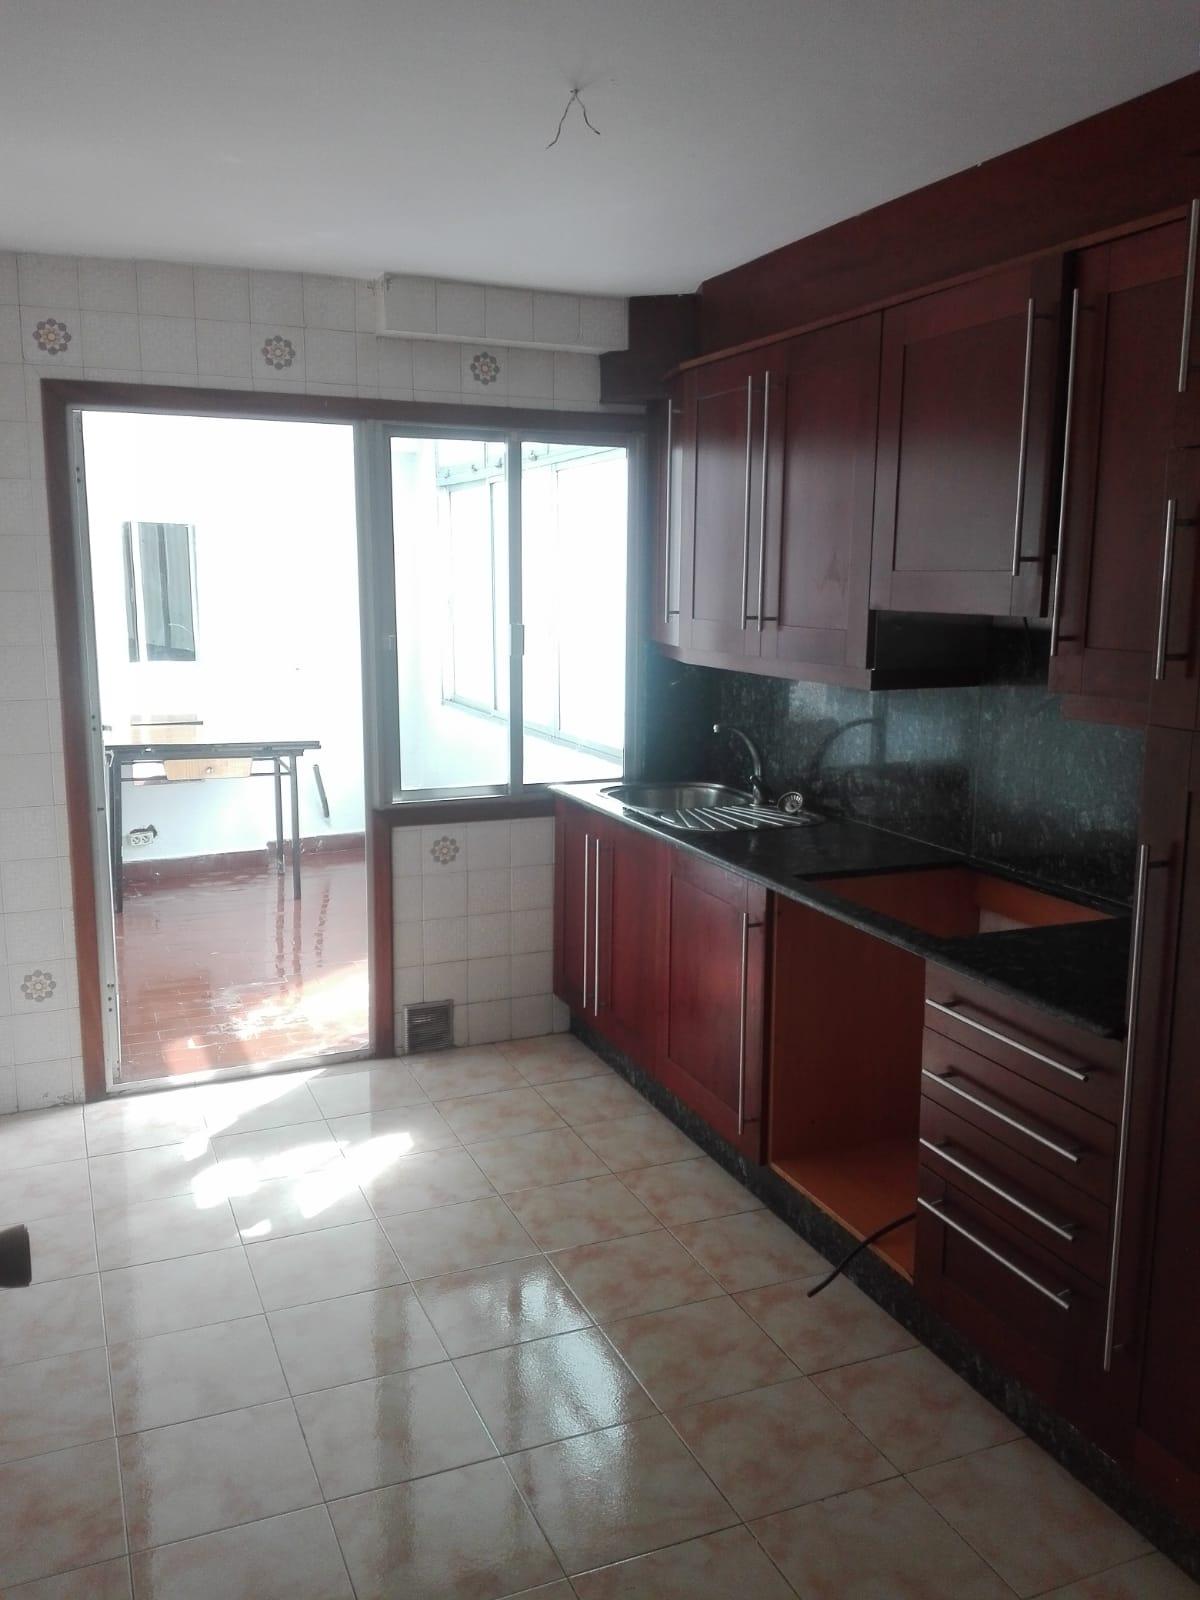 Piso en venta en Cambre, A Coruña, Calle Rua Dos Muiños, 81.000 €, 3 habitaciones, 1 baño, 101 m2